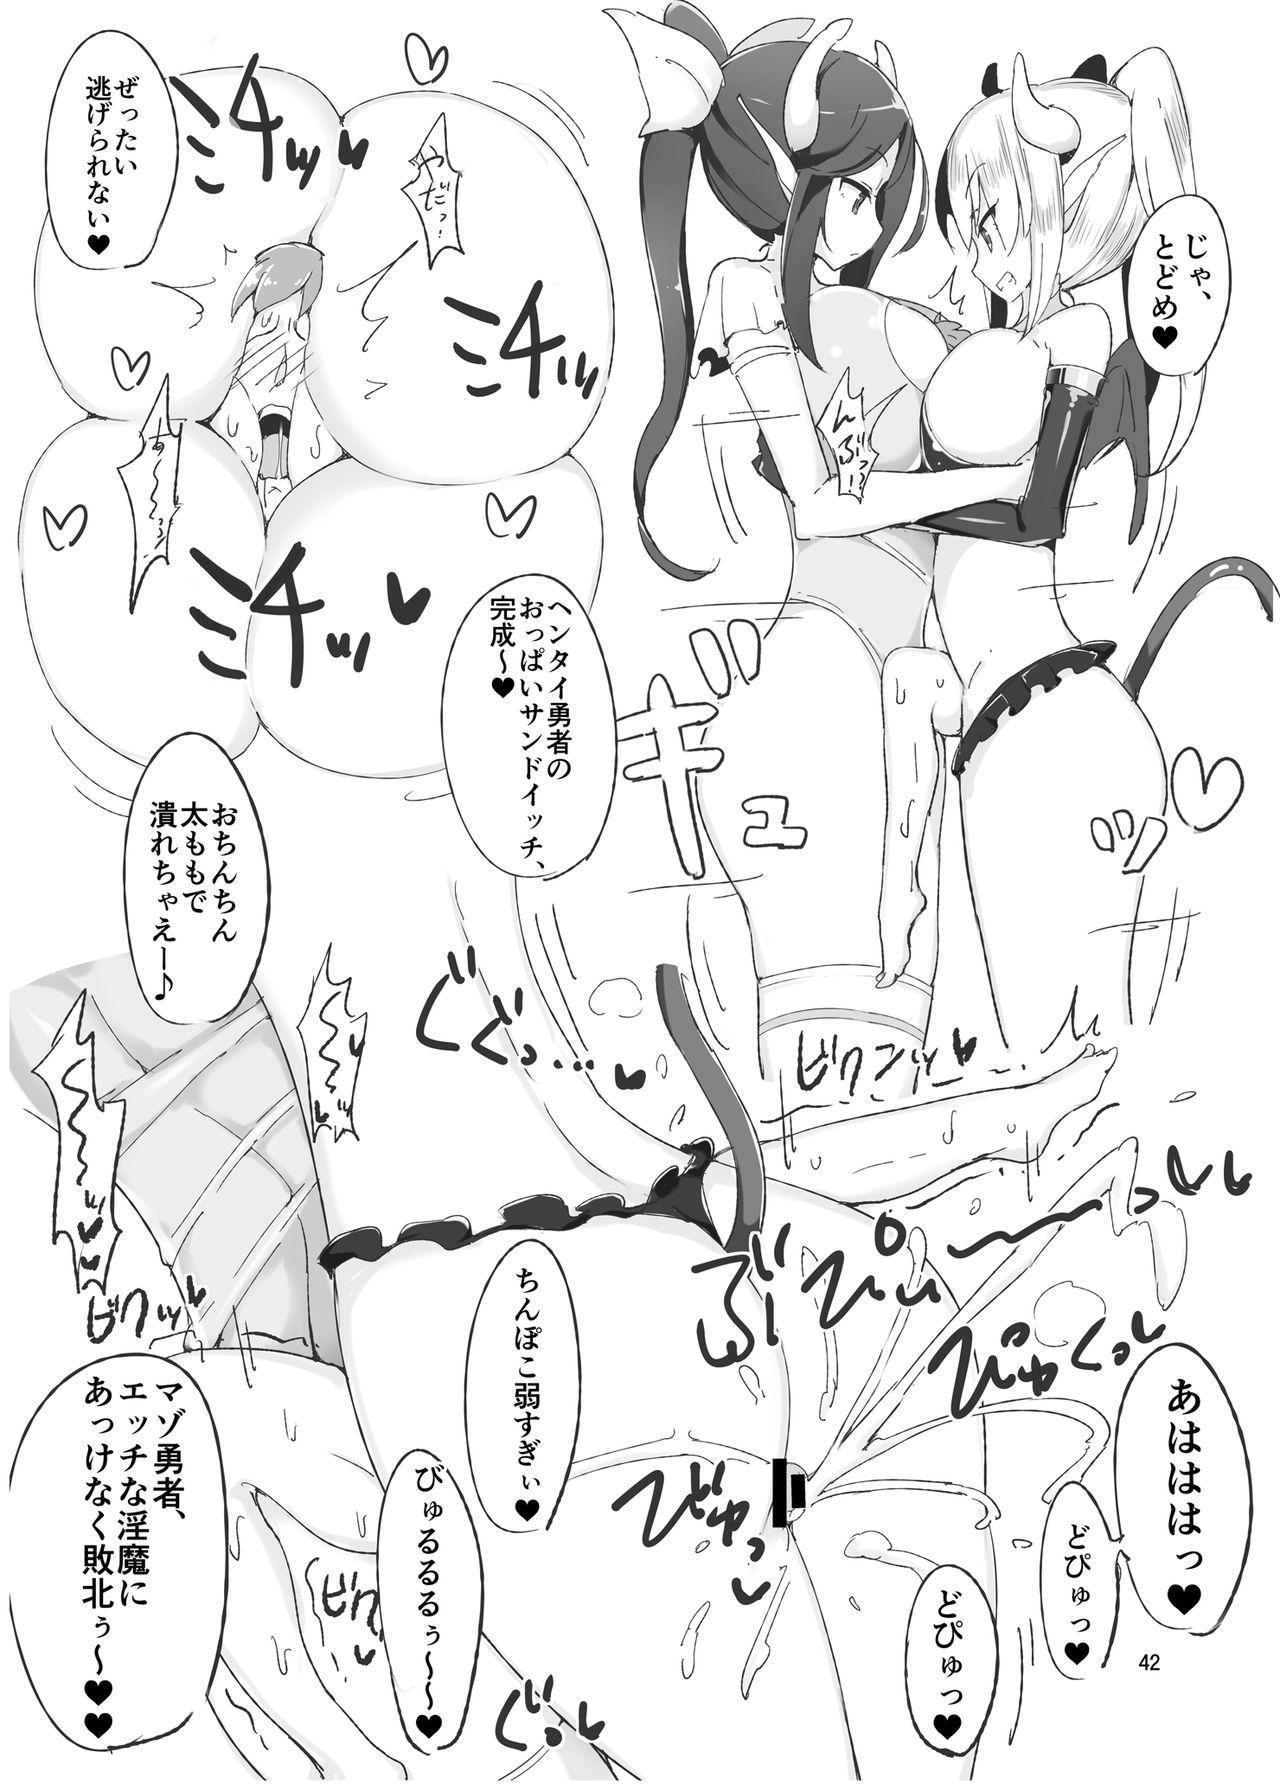 Futanari x Otoko Gyaku Anal Goudou Anata ga Mesu ni Narun desu yo 41